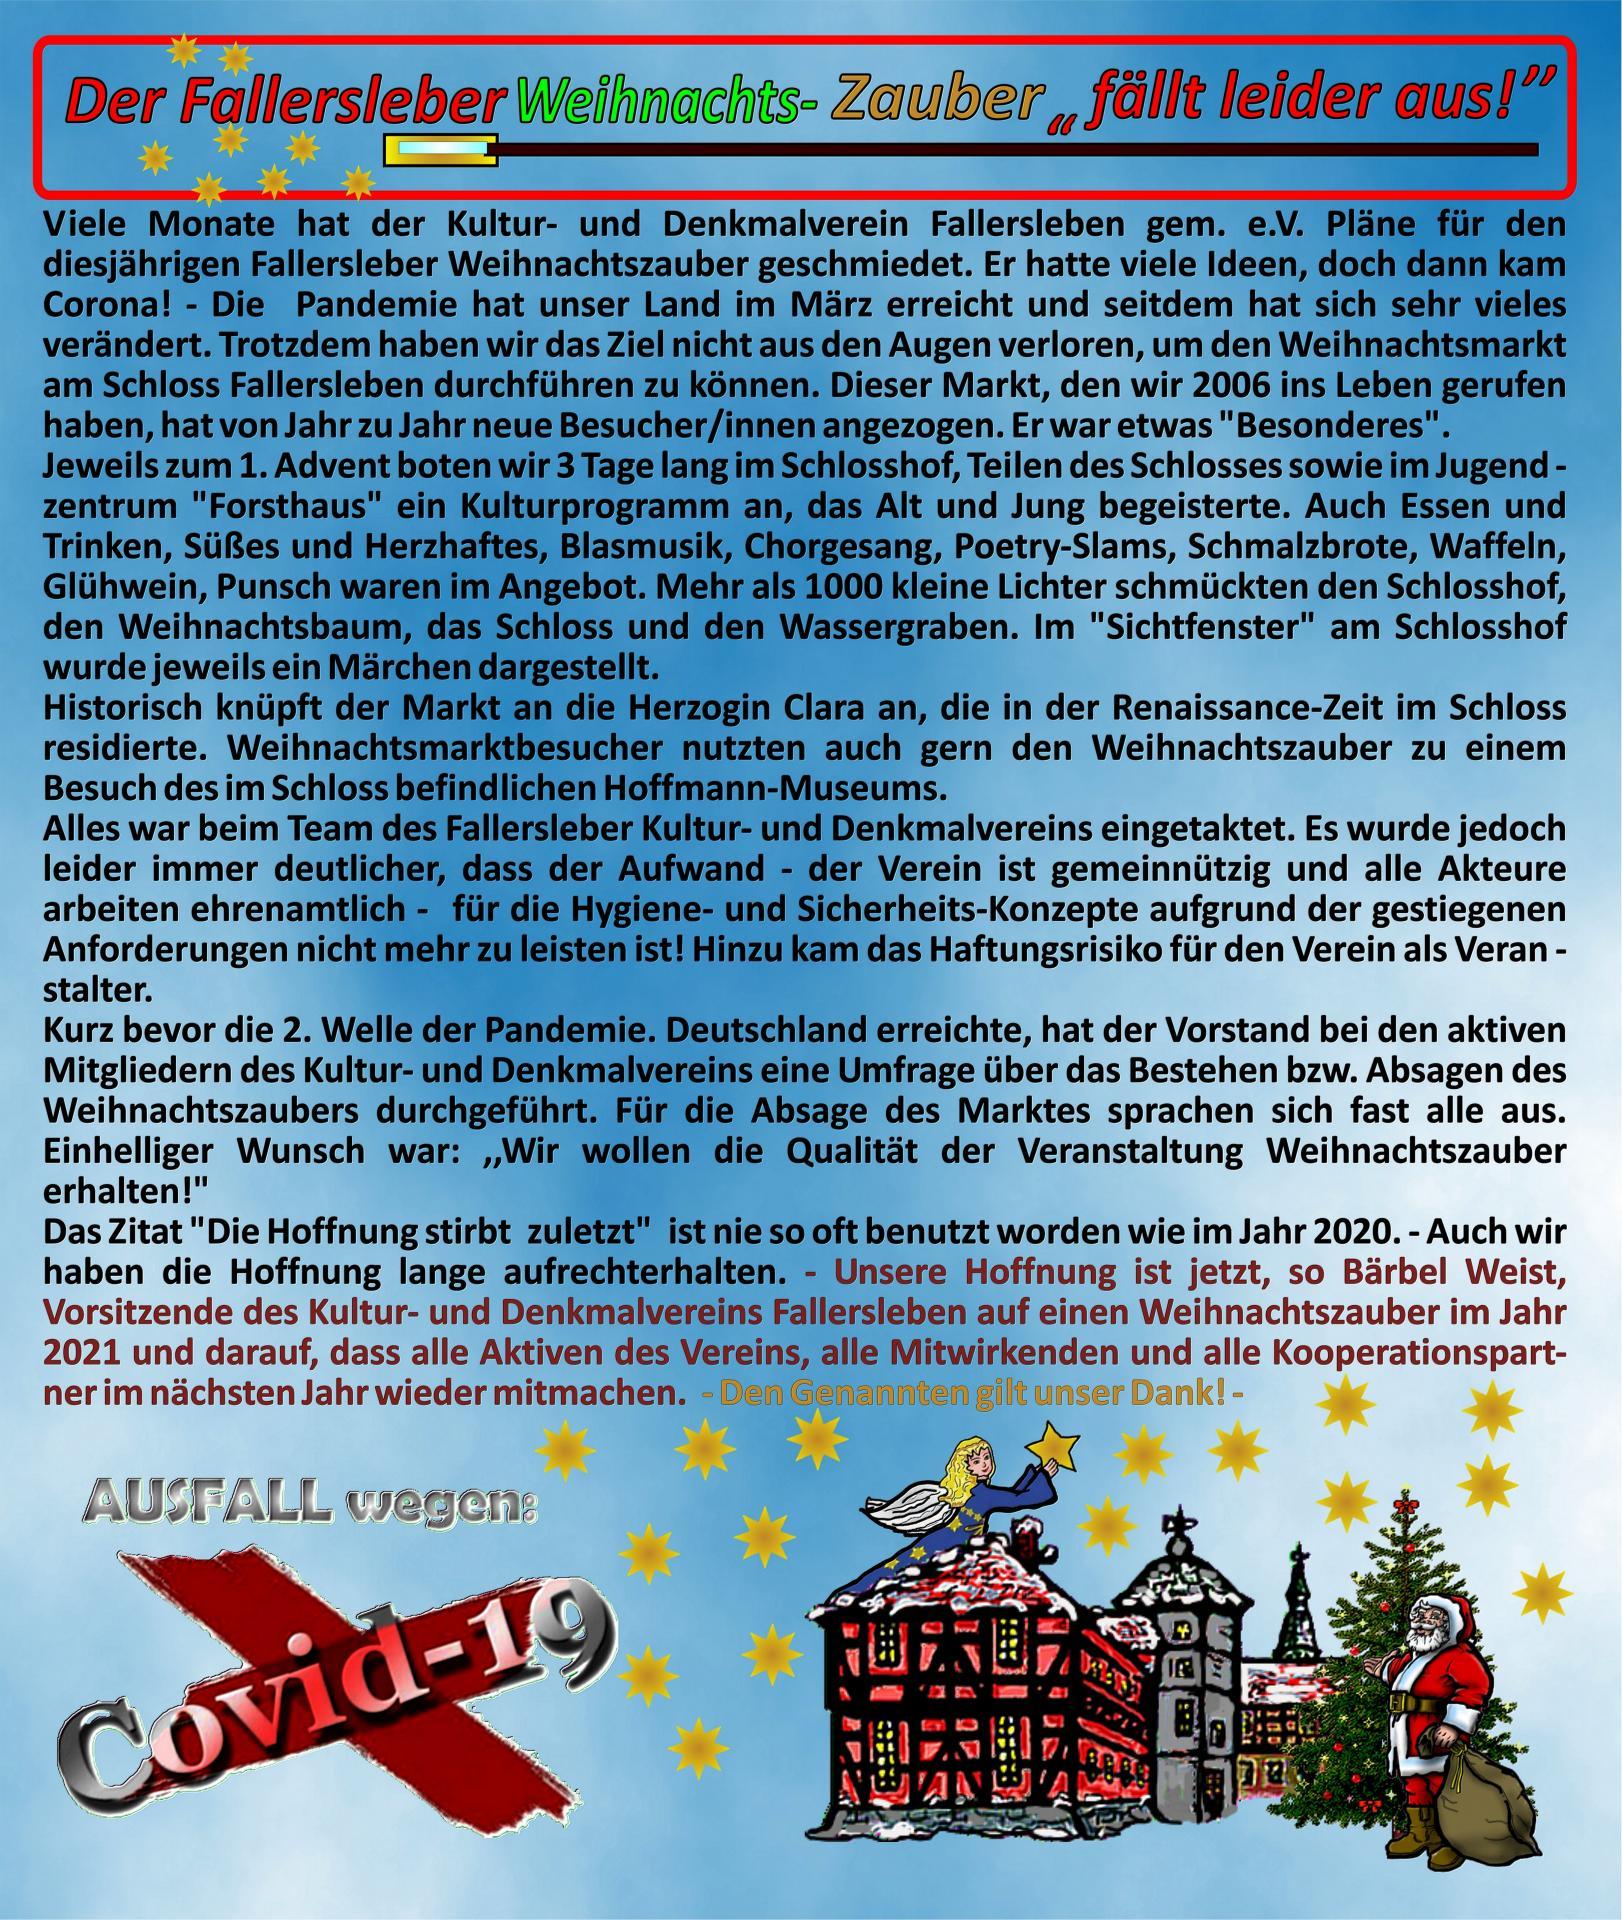 Absage Weihnachtszauber Fallersleben